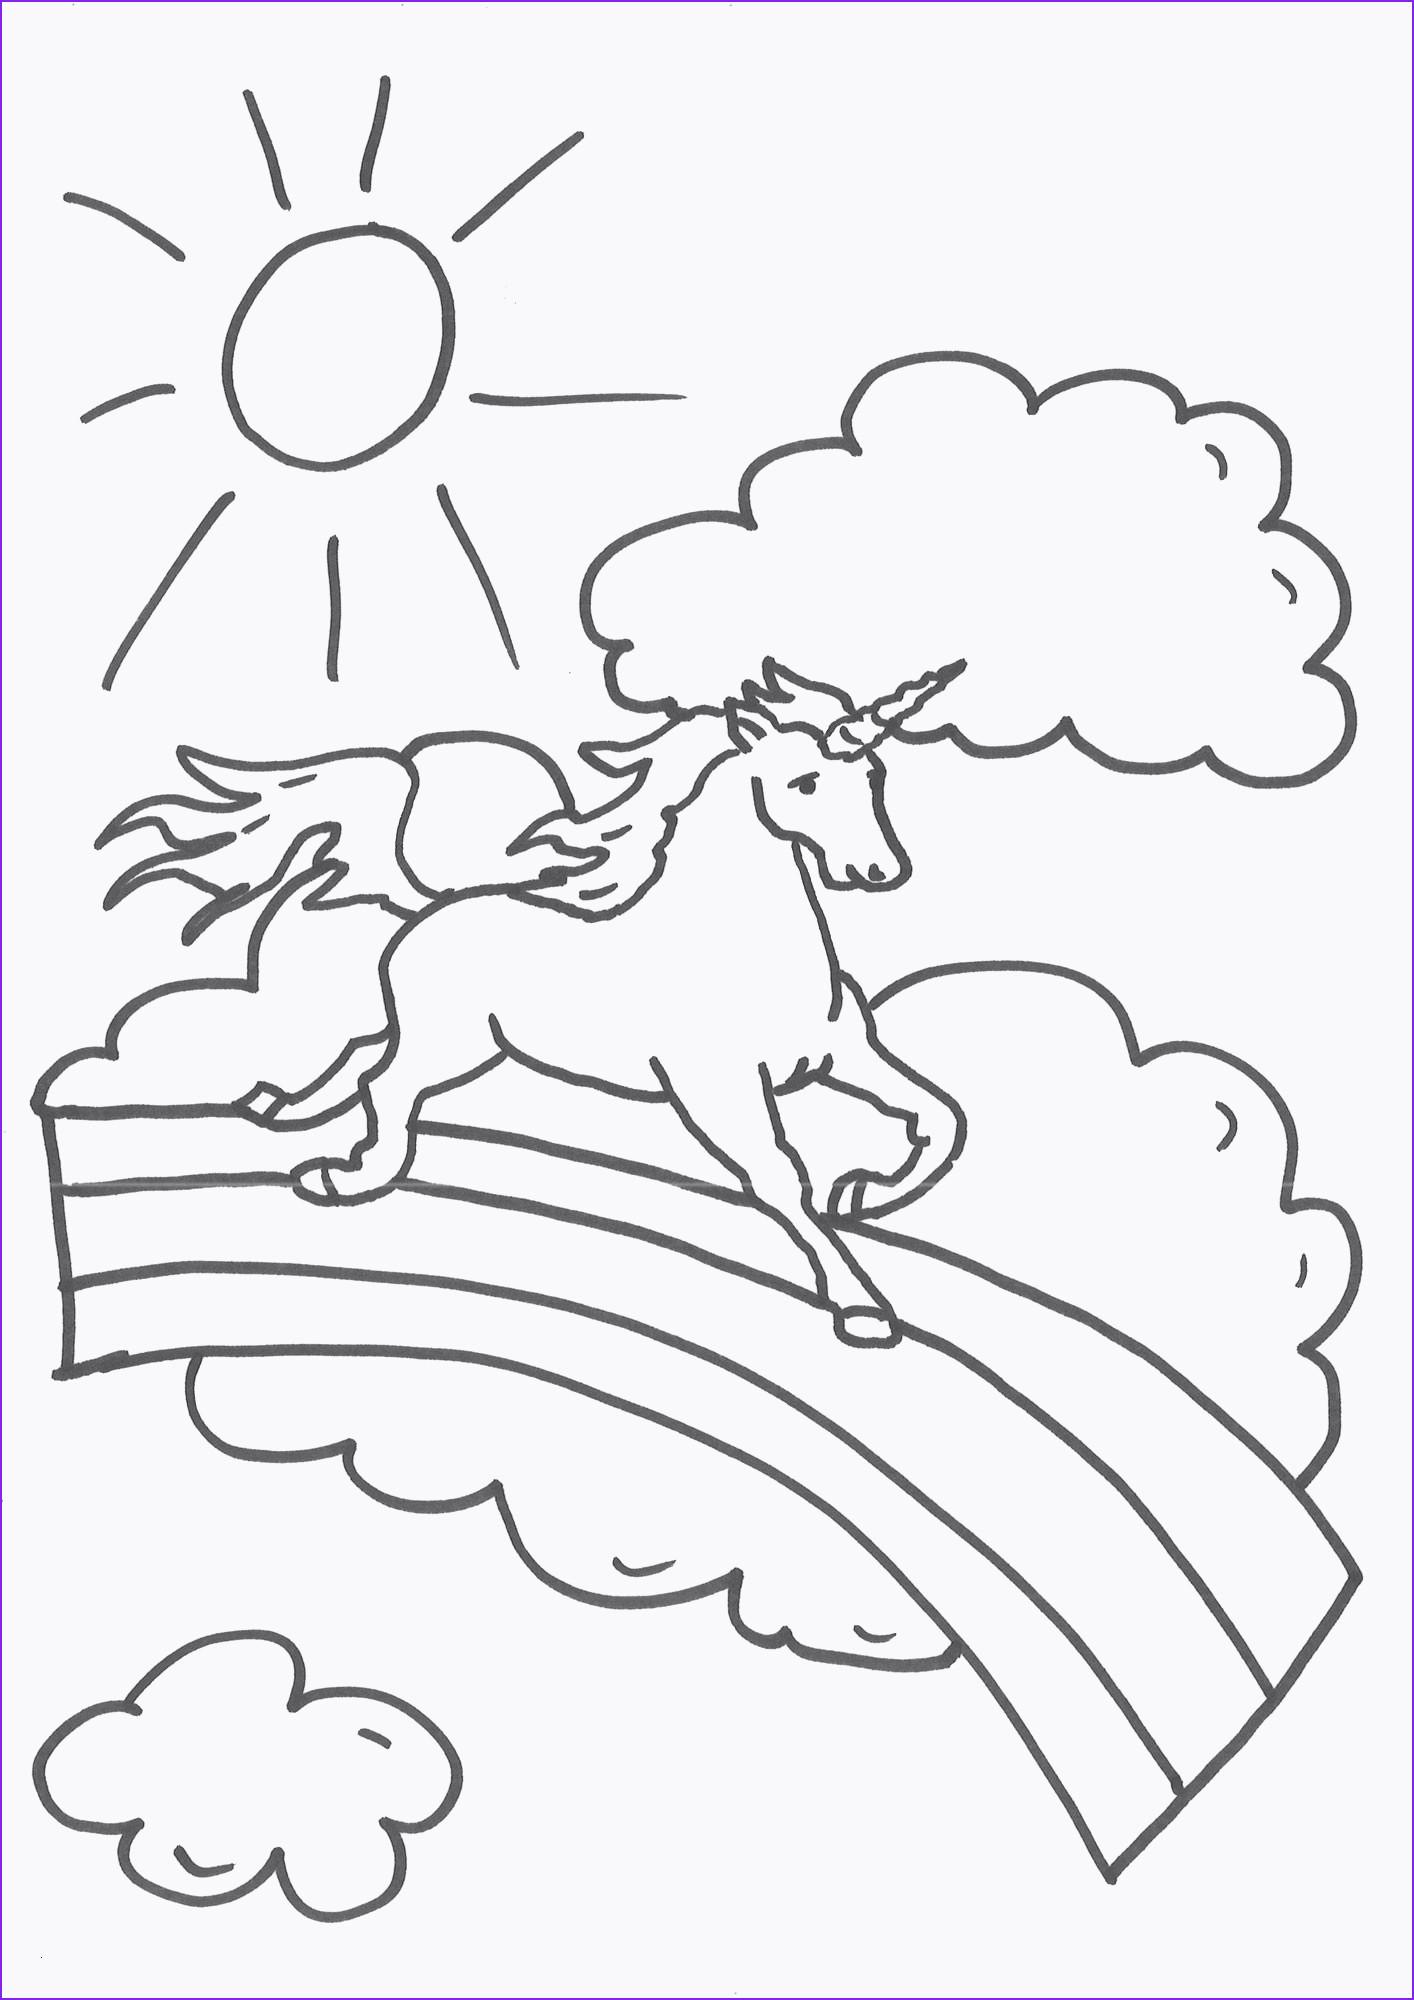 Ausmalbilder Zum Ausdrucken Einhorn Inspirierend Delfin Bilder Zum Ausdrucken Designs Ausmalbilder Einhorn Pummel Bild